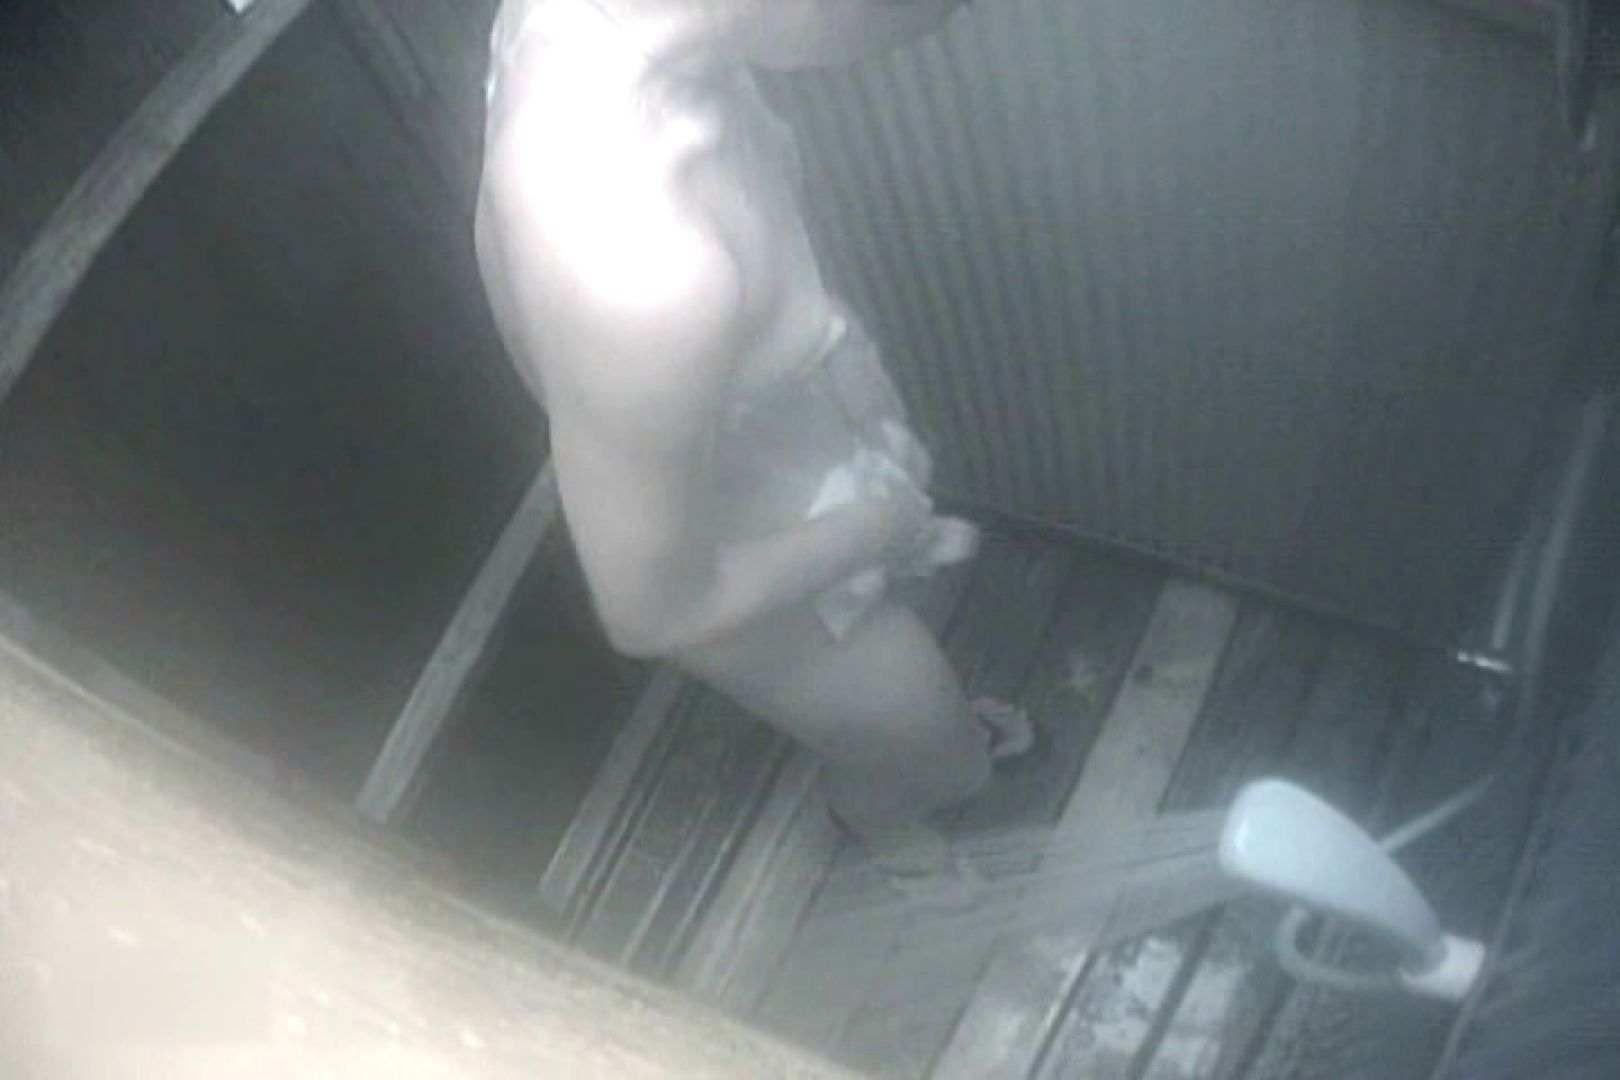 夏海シャワー室!ベトベトお肌をサラサラに!VOL.14 水着 オマンコ無修正動画無料 62画像 40